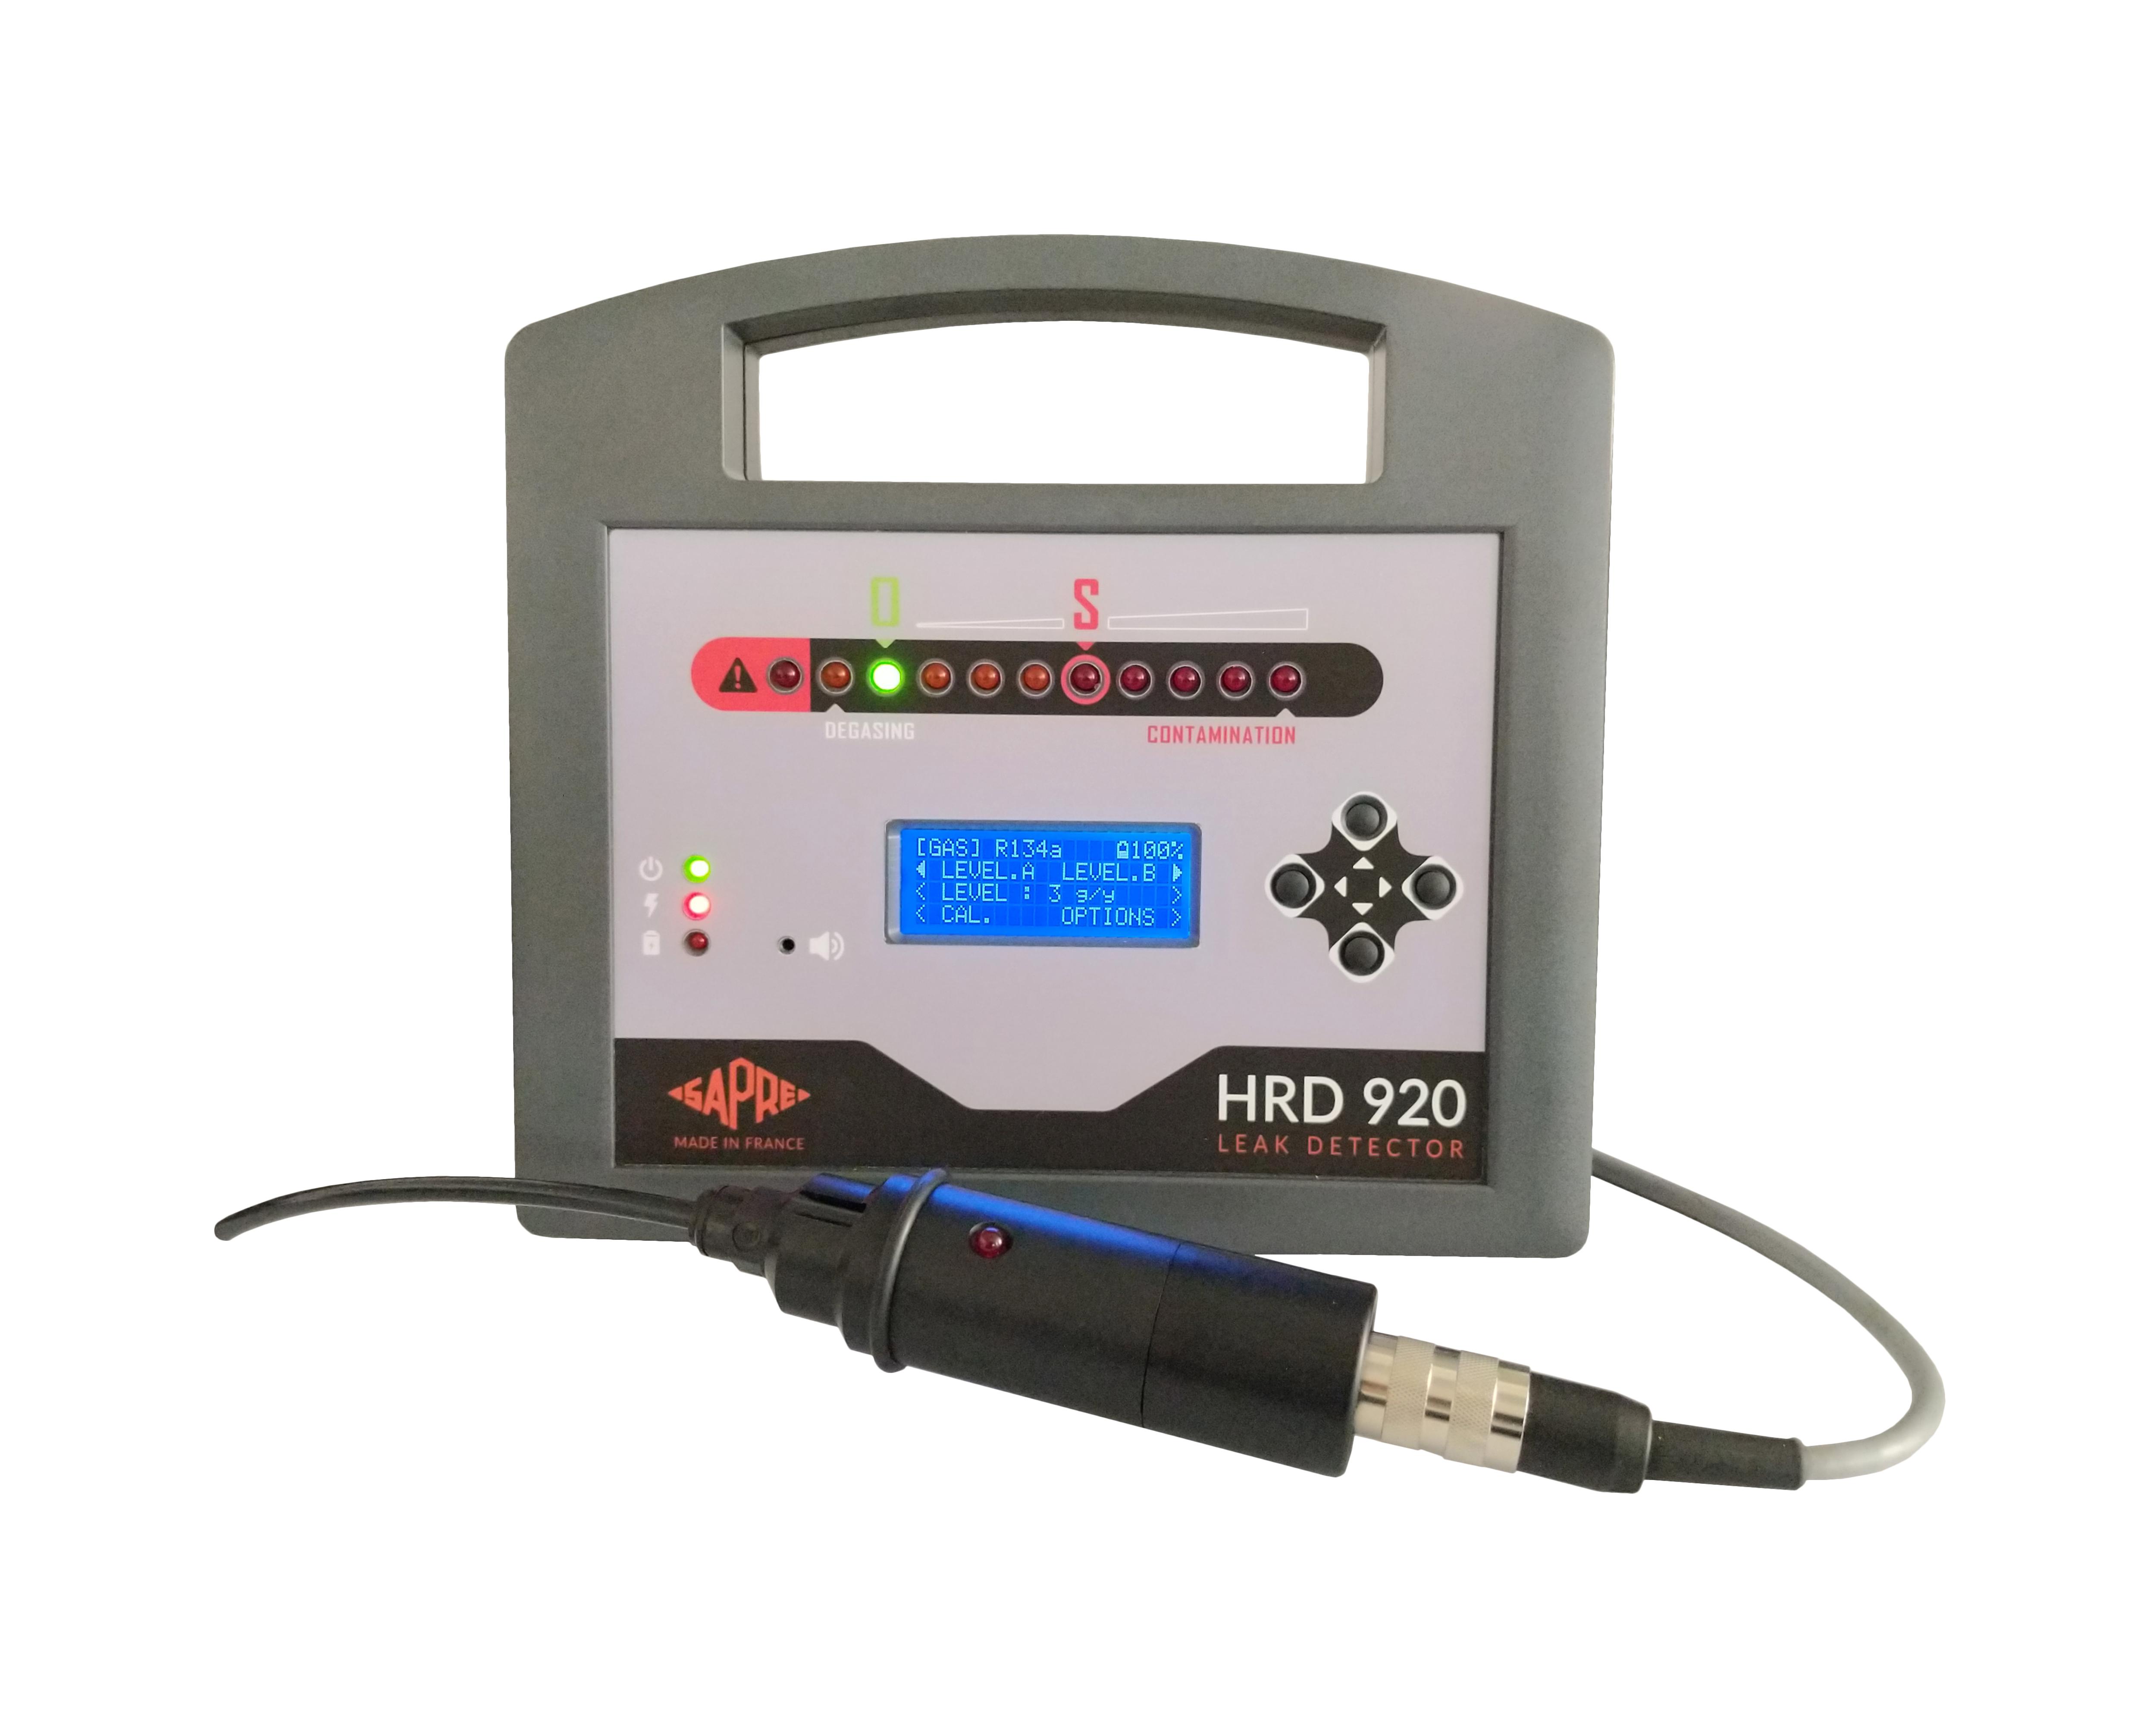 HRD 920 - Refrigerant-HFO-H2/N2-Gas detector